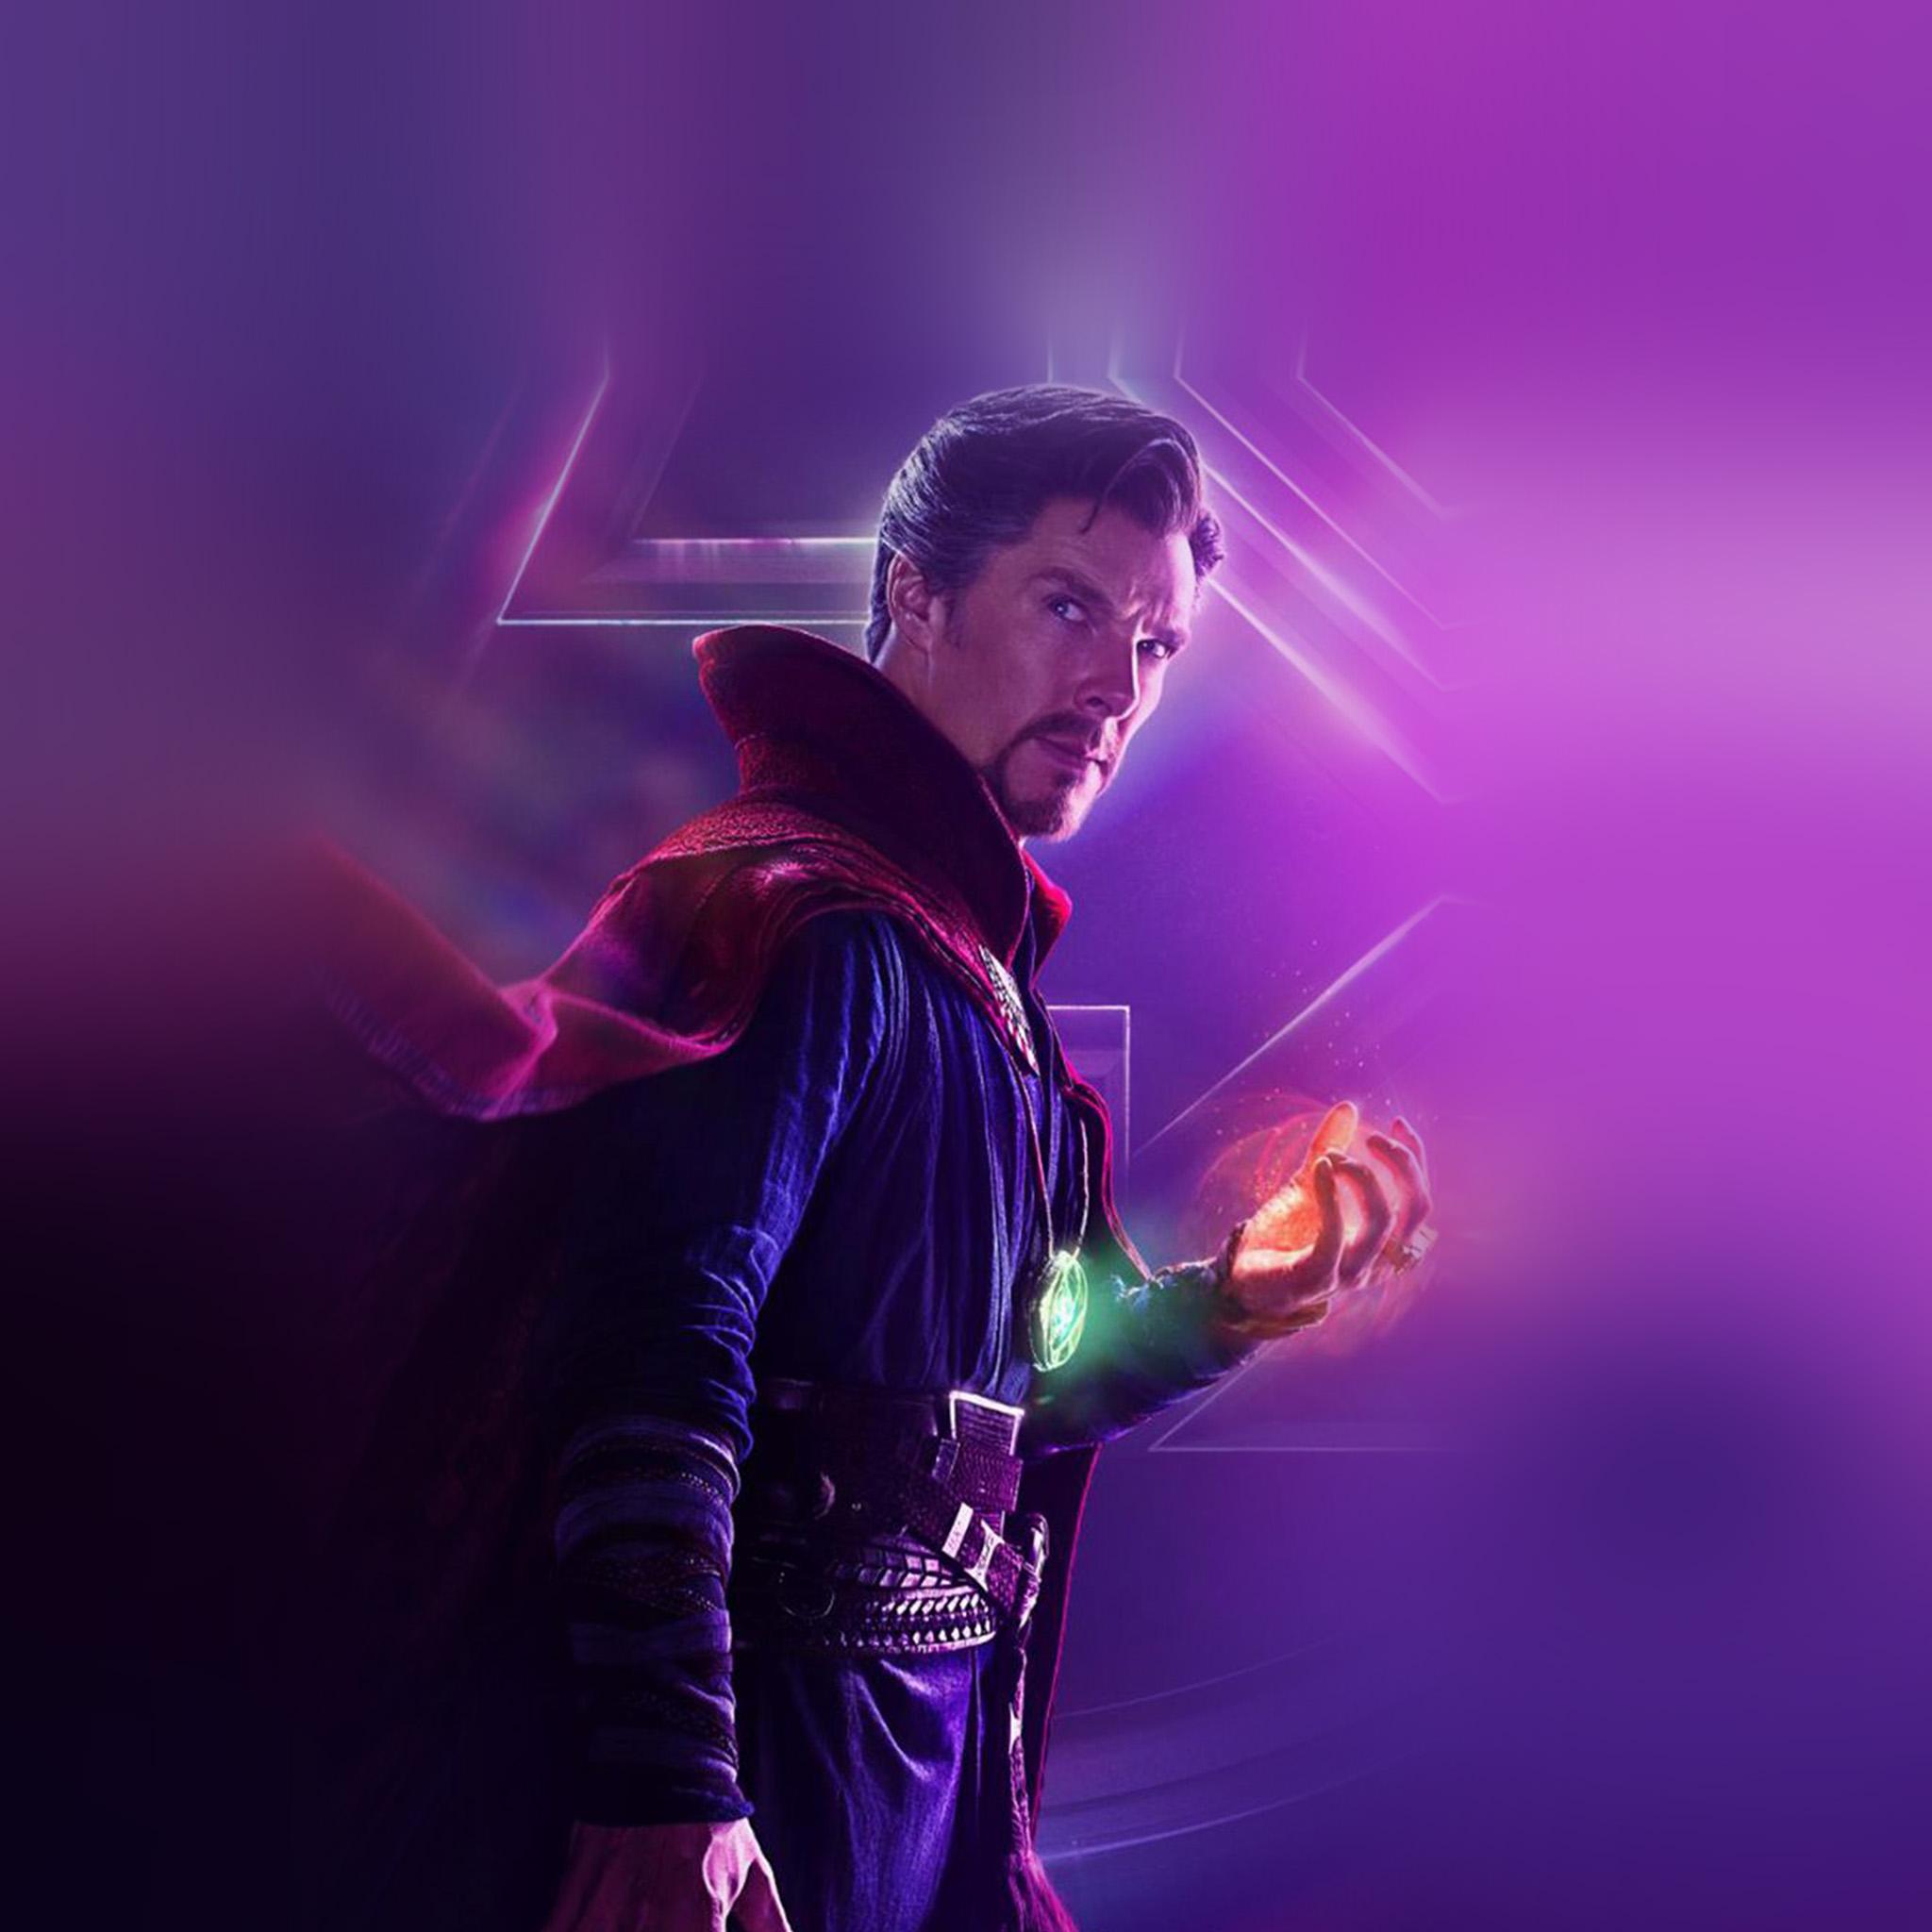 be93-avengers-doctor-strange-film-infinitywar-marvel-hero ...